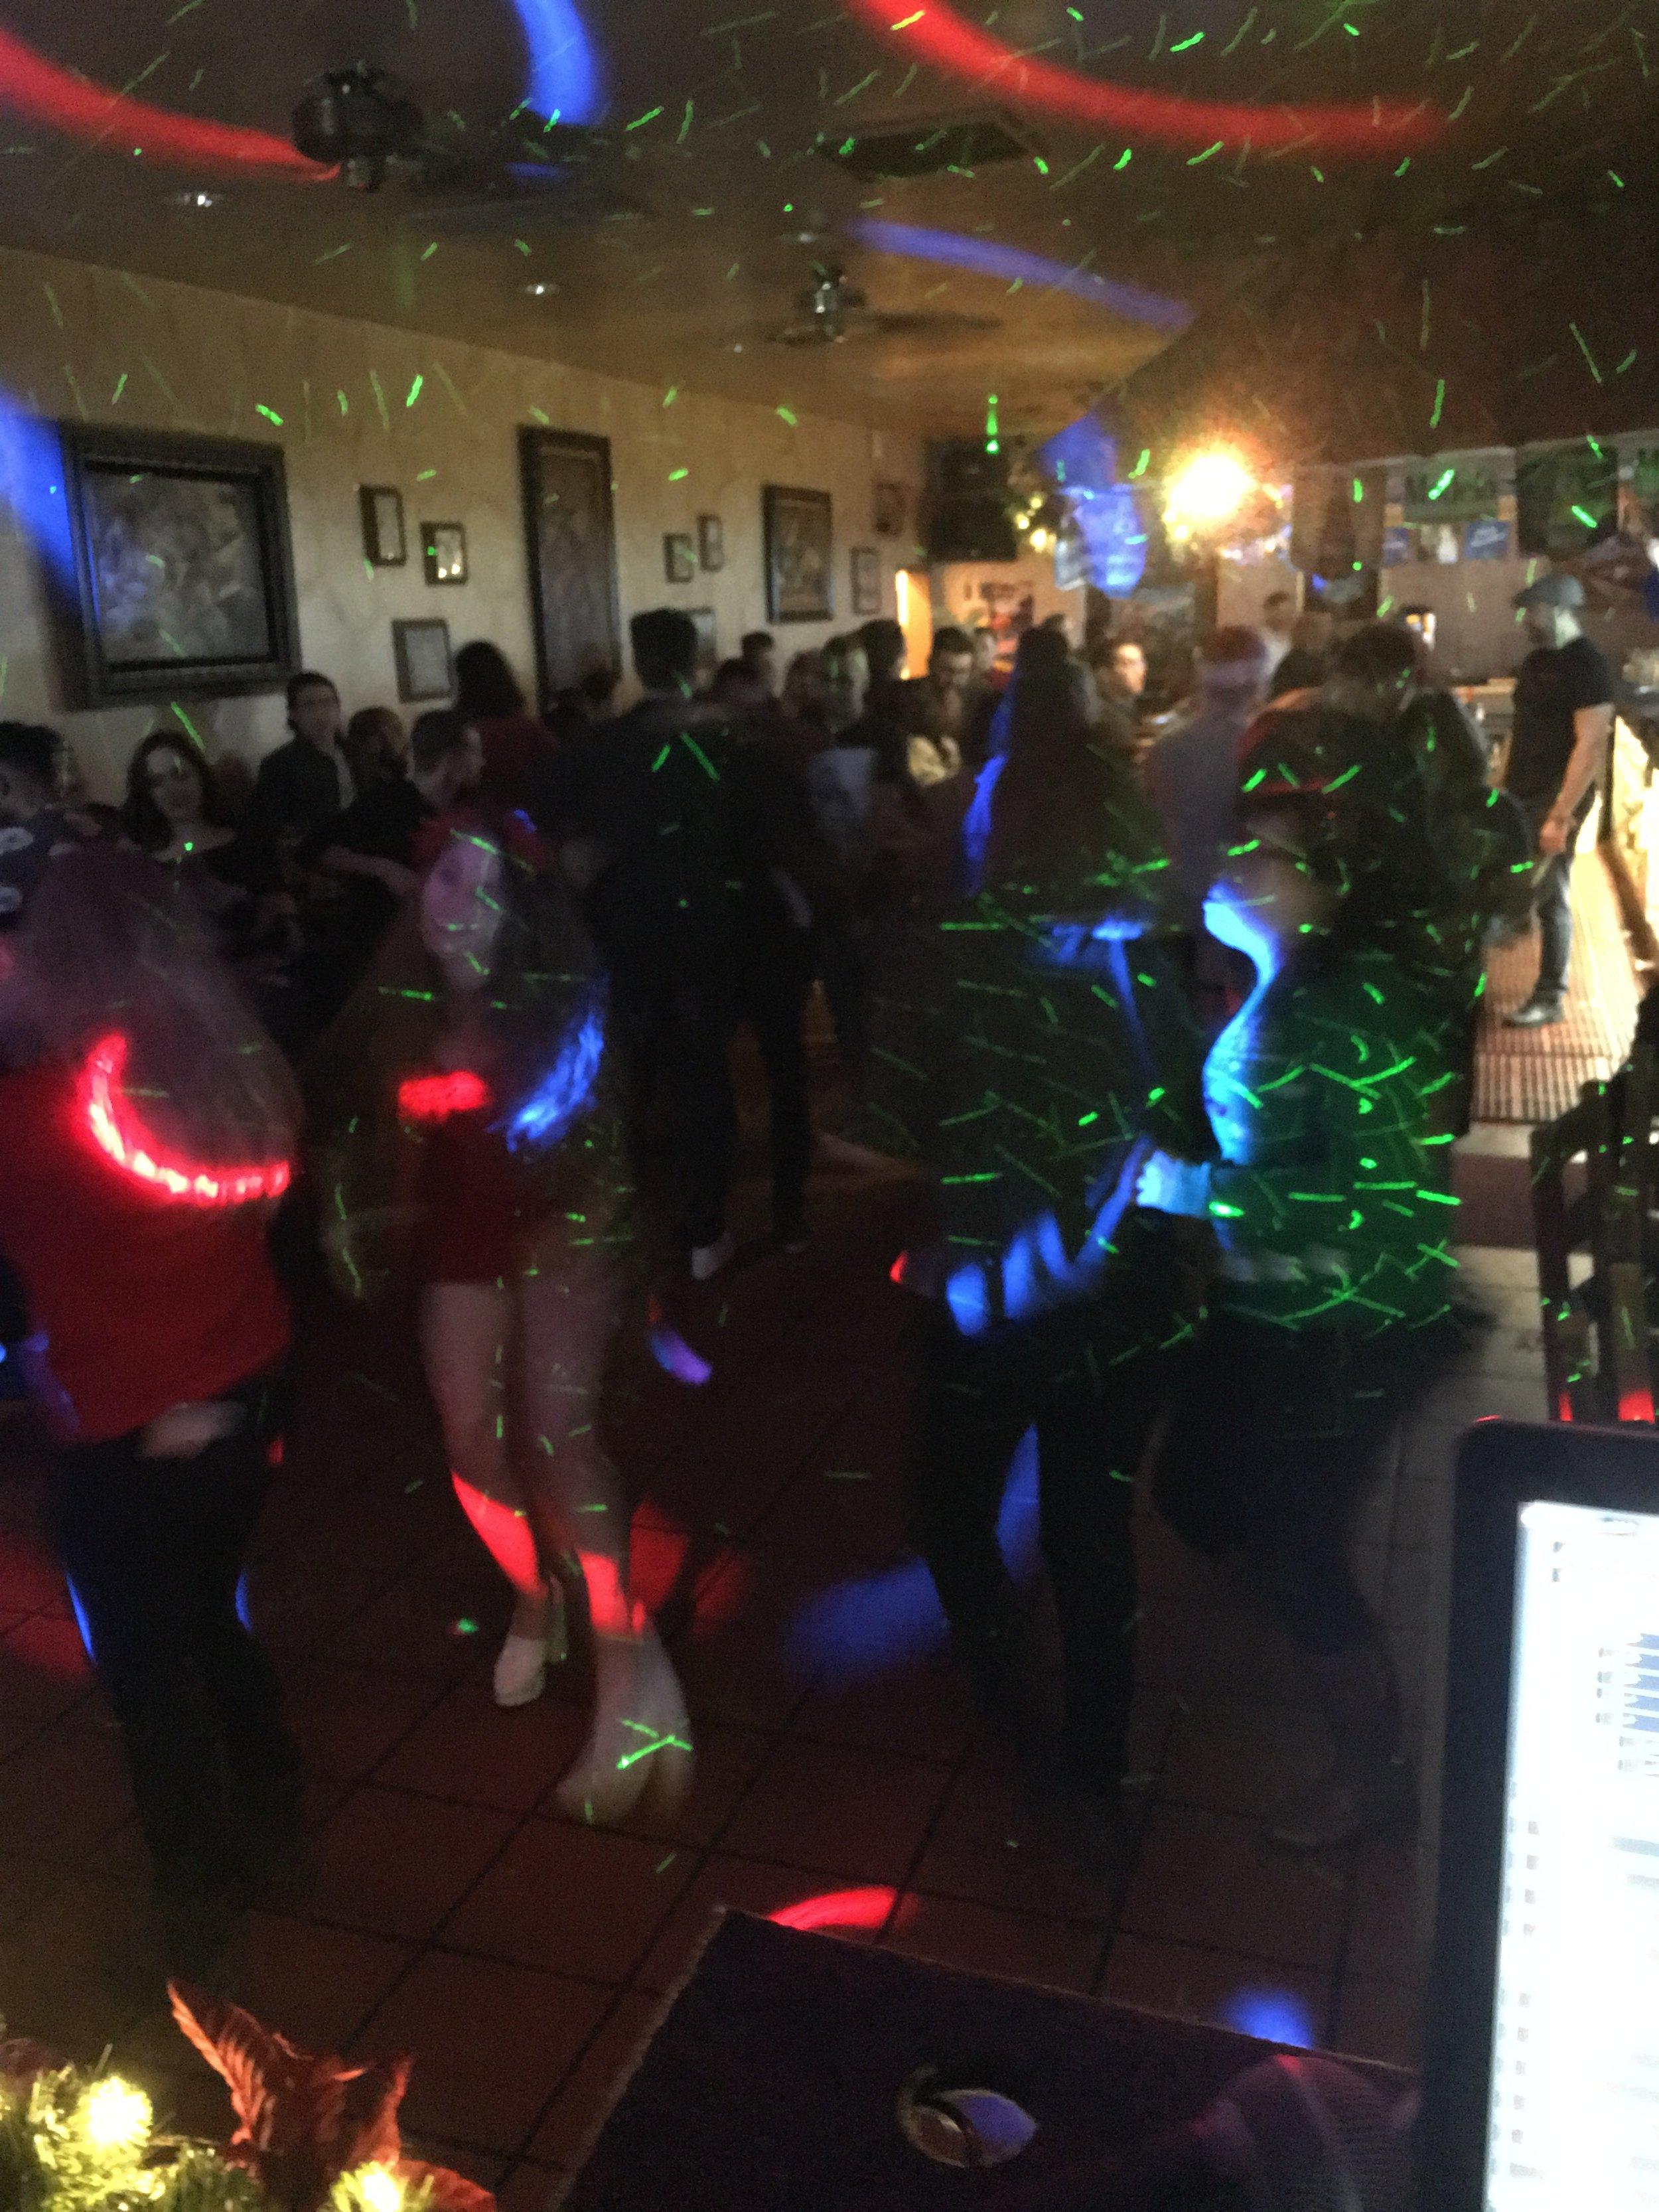 BJs Holiday Party at Mariposa Grill & Cantina - Covina CA